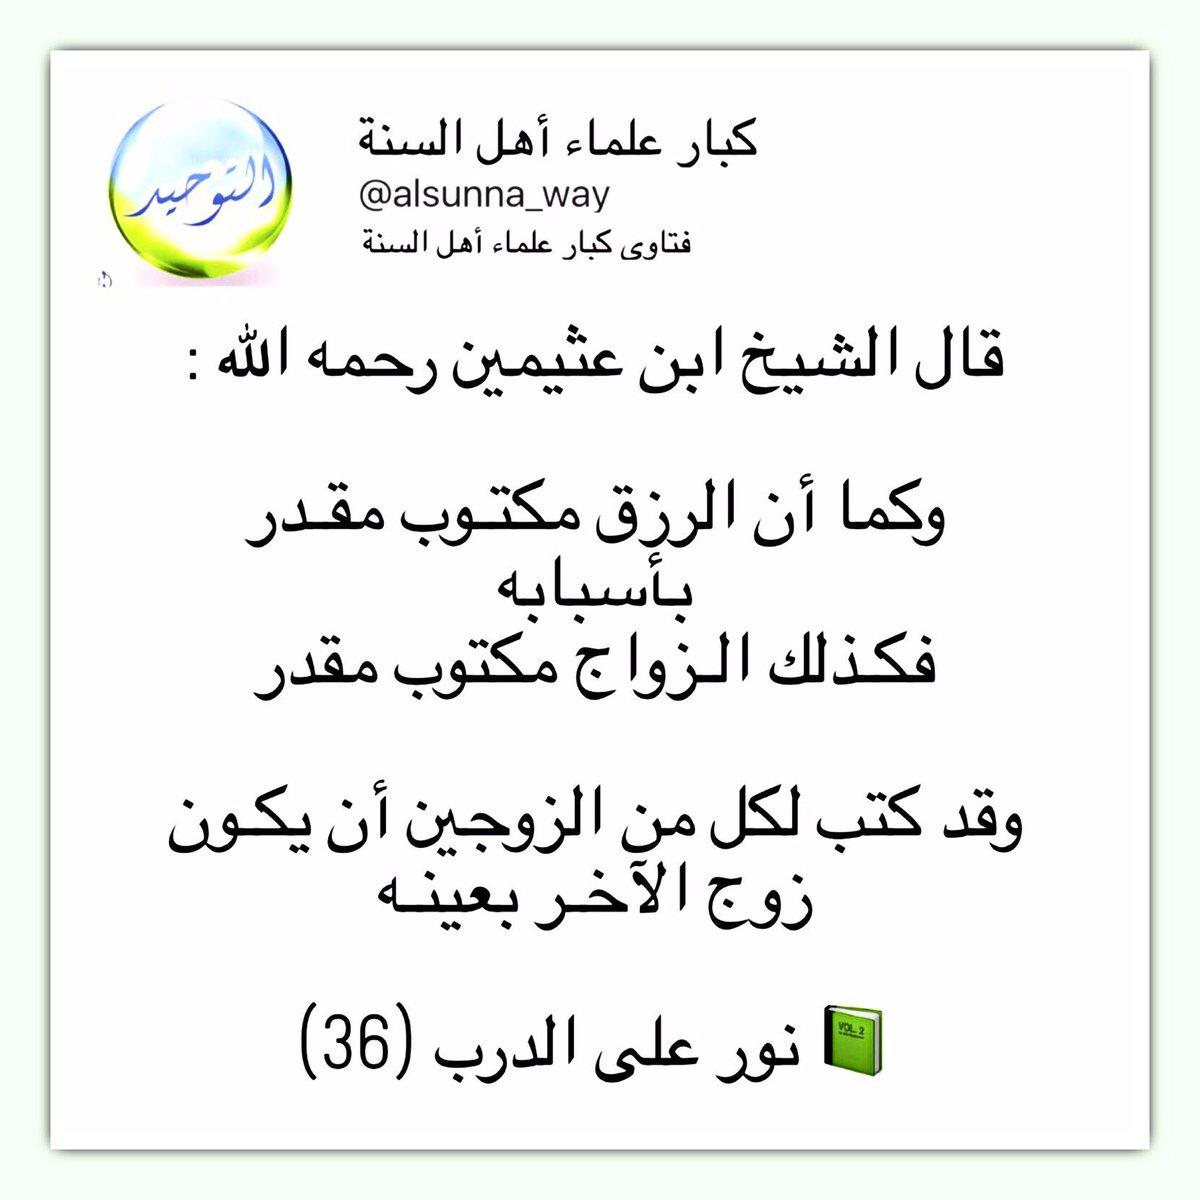 بالصور ادعية تيسير الزواج , دعاء للرزق بزوج صالح وزوجه صالحه 5349 3